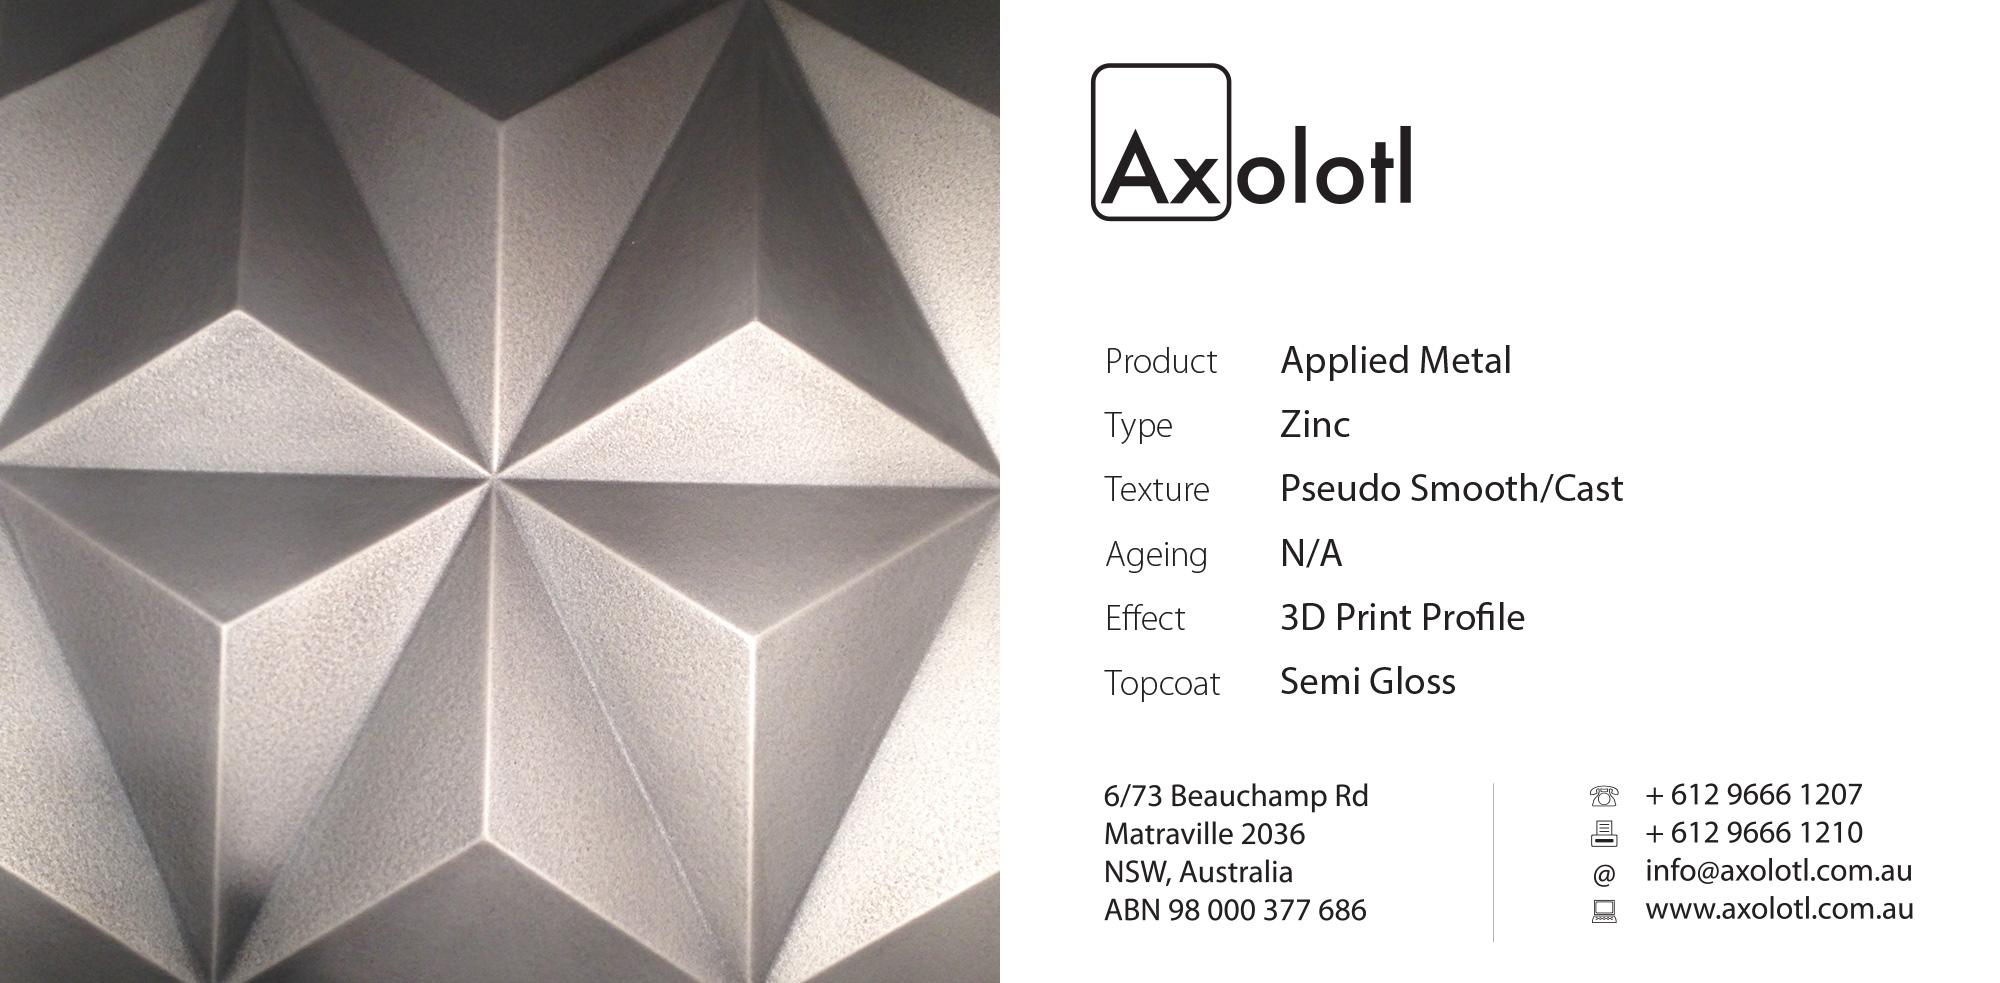 Axolotl_Zinc_PesudoSmooth_Cast_3DProfile.jpg